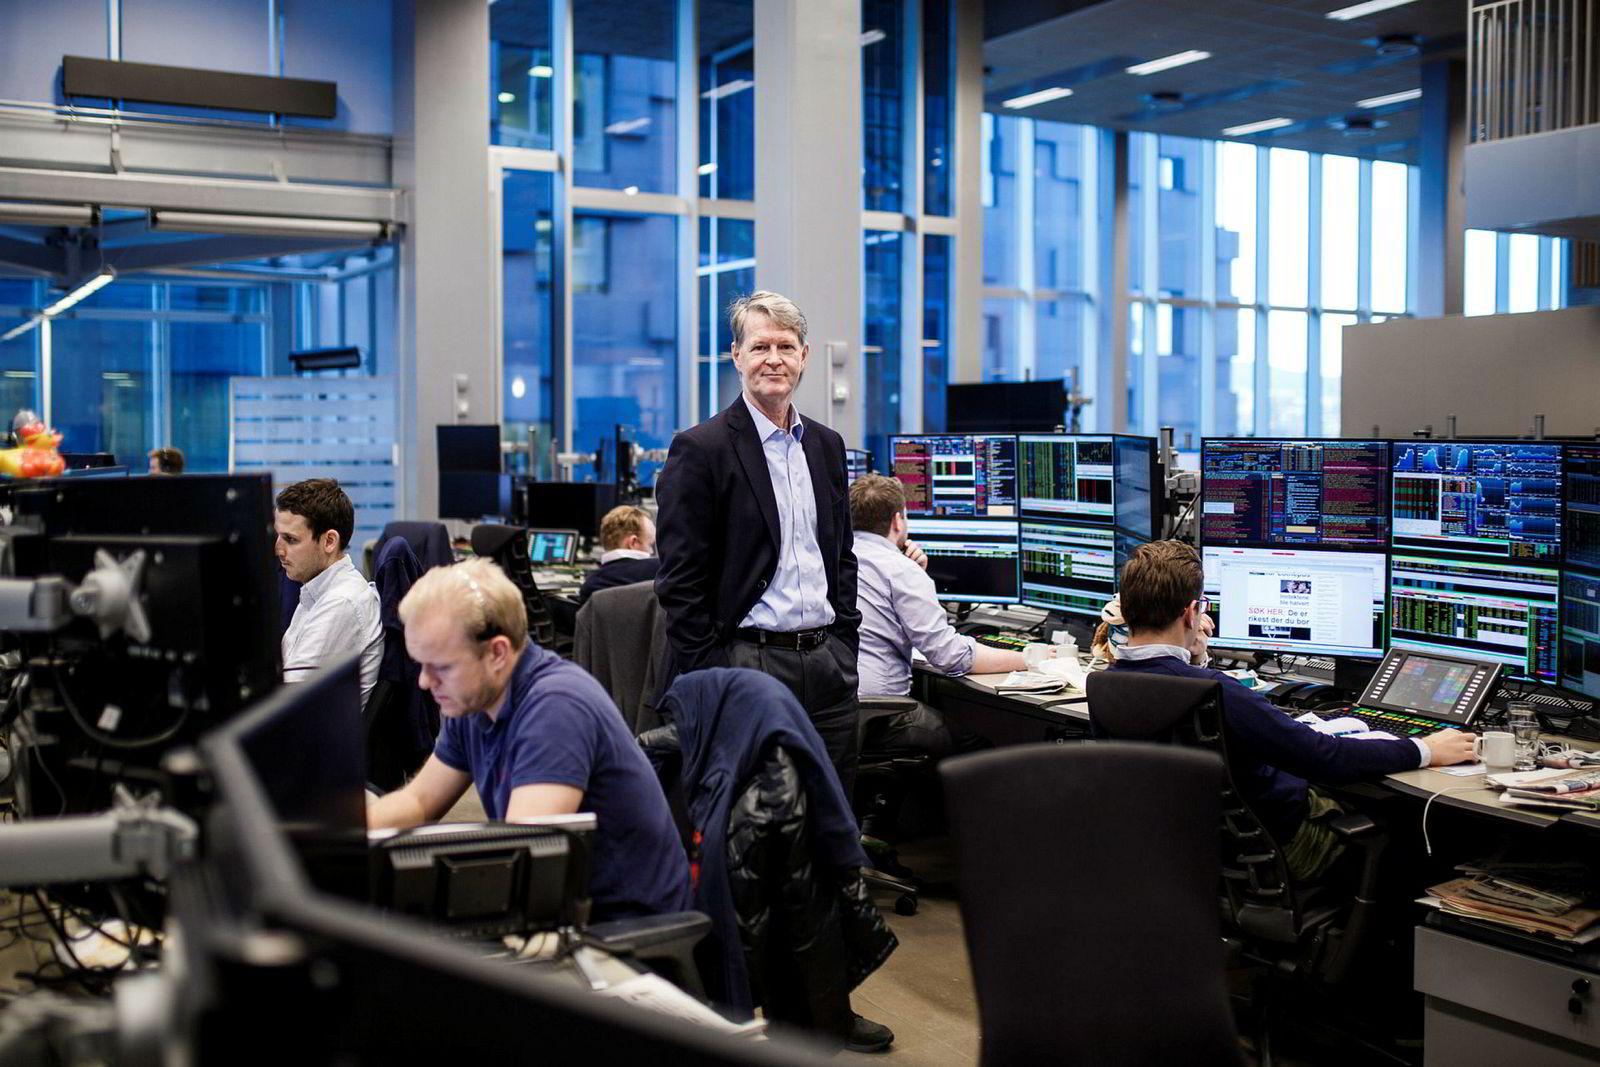 Aksjestrateg Morten Jensen i DNB Markets mener børsene har falt mindre enn ventet. At de kan falle ti prosent er helt innenfor rammene mener han.